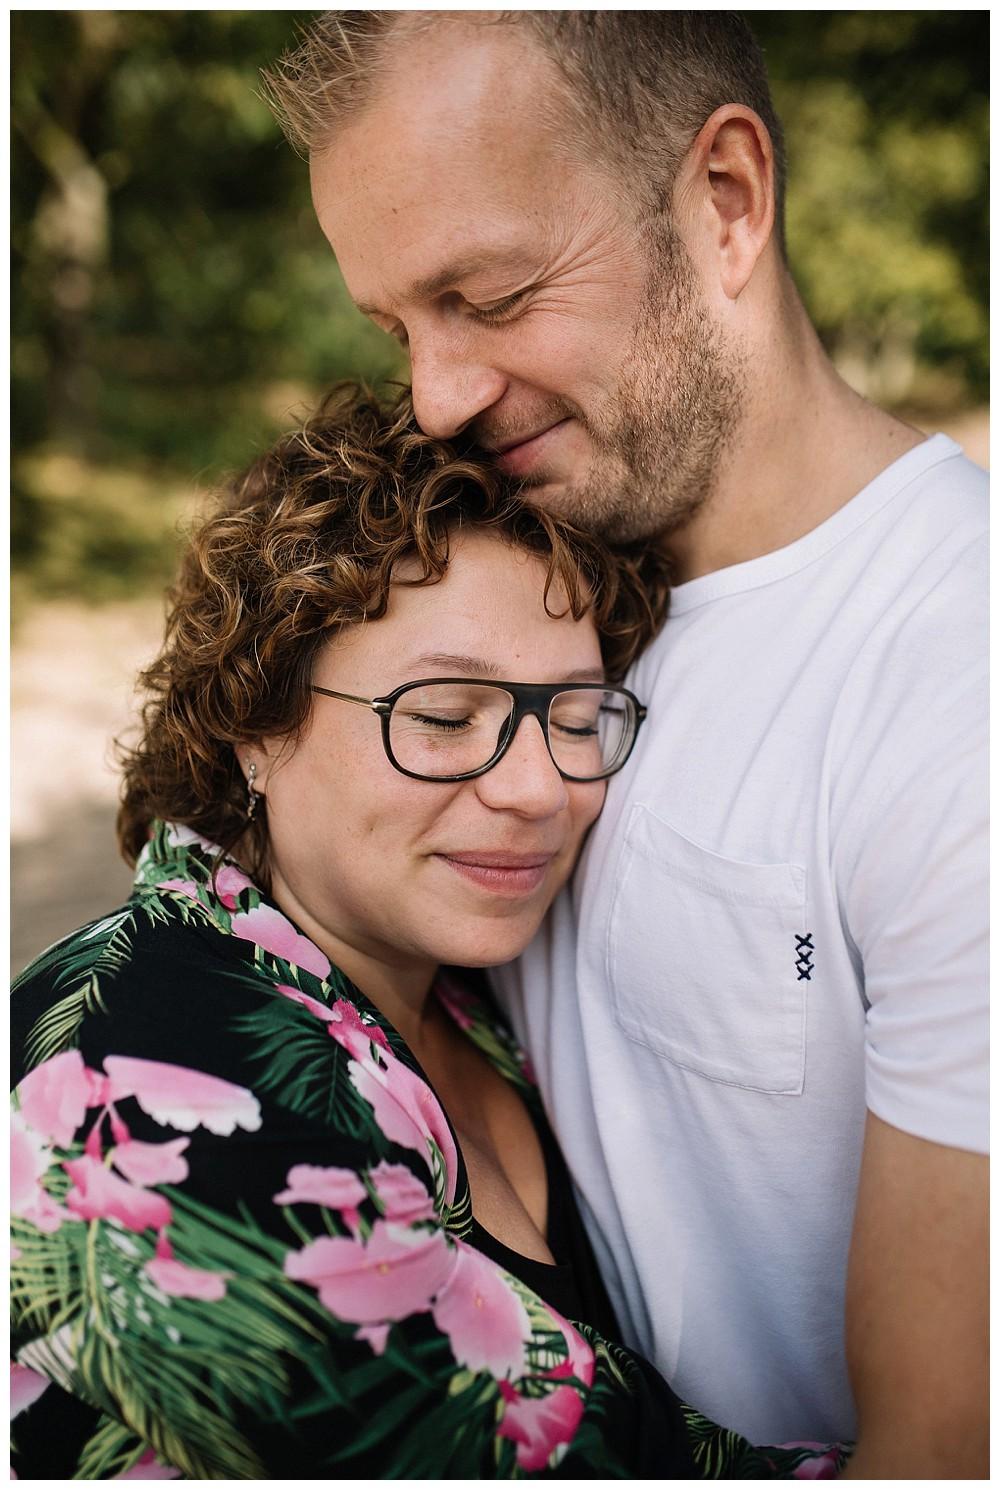 ohbelle_website_blog_zwangerschap_fotograaf_veenendaal_fotoshoot_Slaperdijk_0236 Fotoshoot Veenendaal zwangerschap